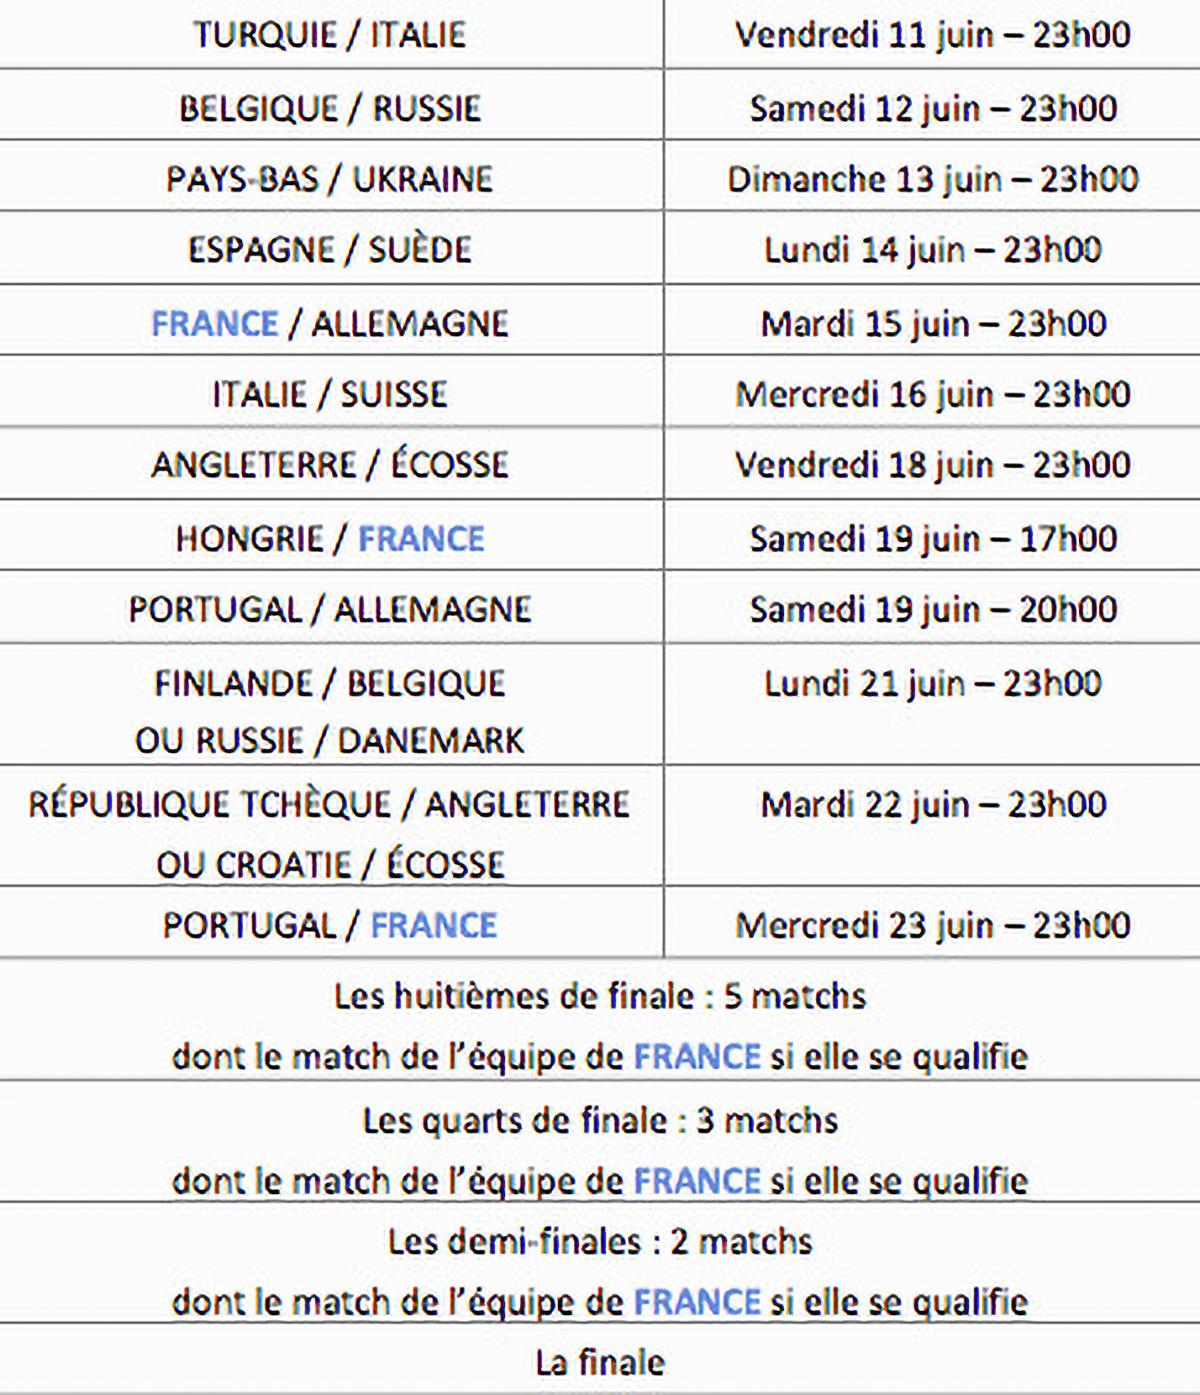 Le programme de retransmission des matchs sur Antenne Réunion